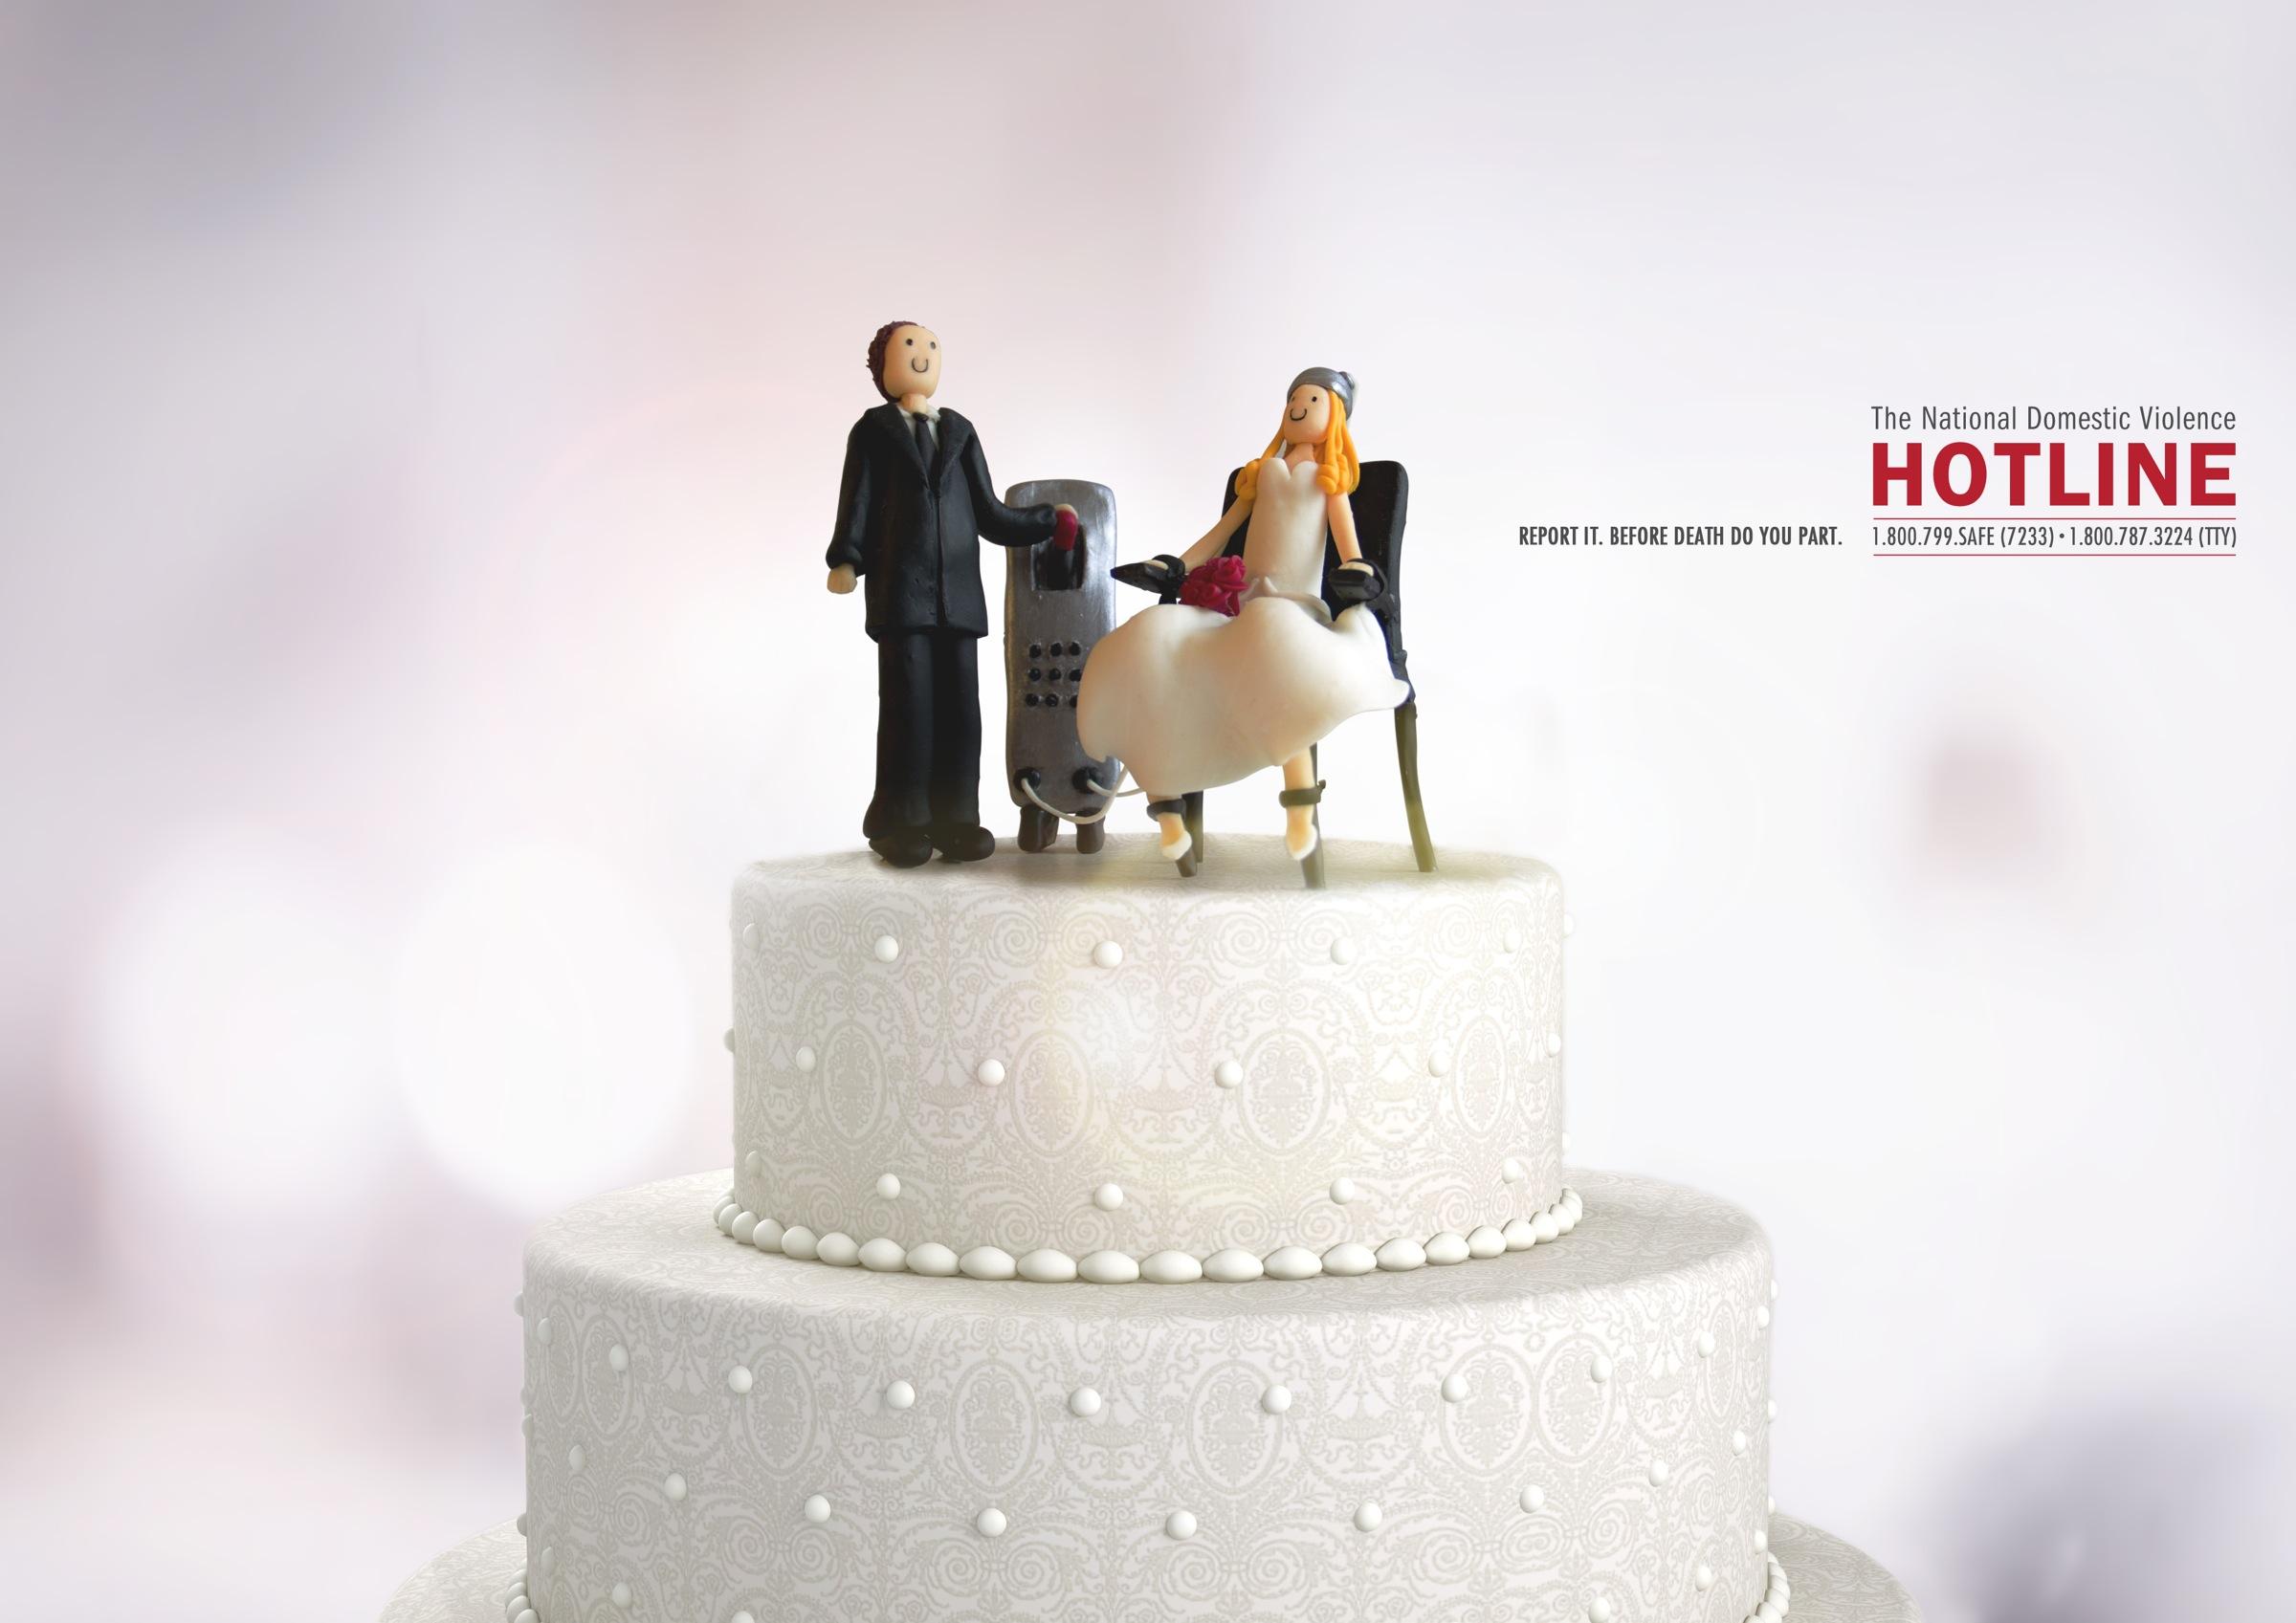 Les publicités les plus créatives sur la Pâtisserie - Spécial #LeMeilleurPâtissier 33